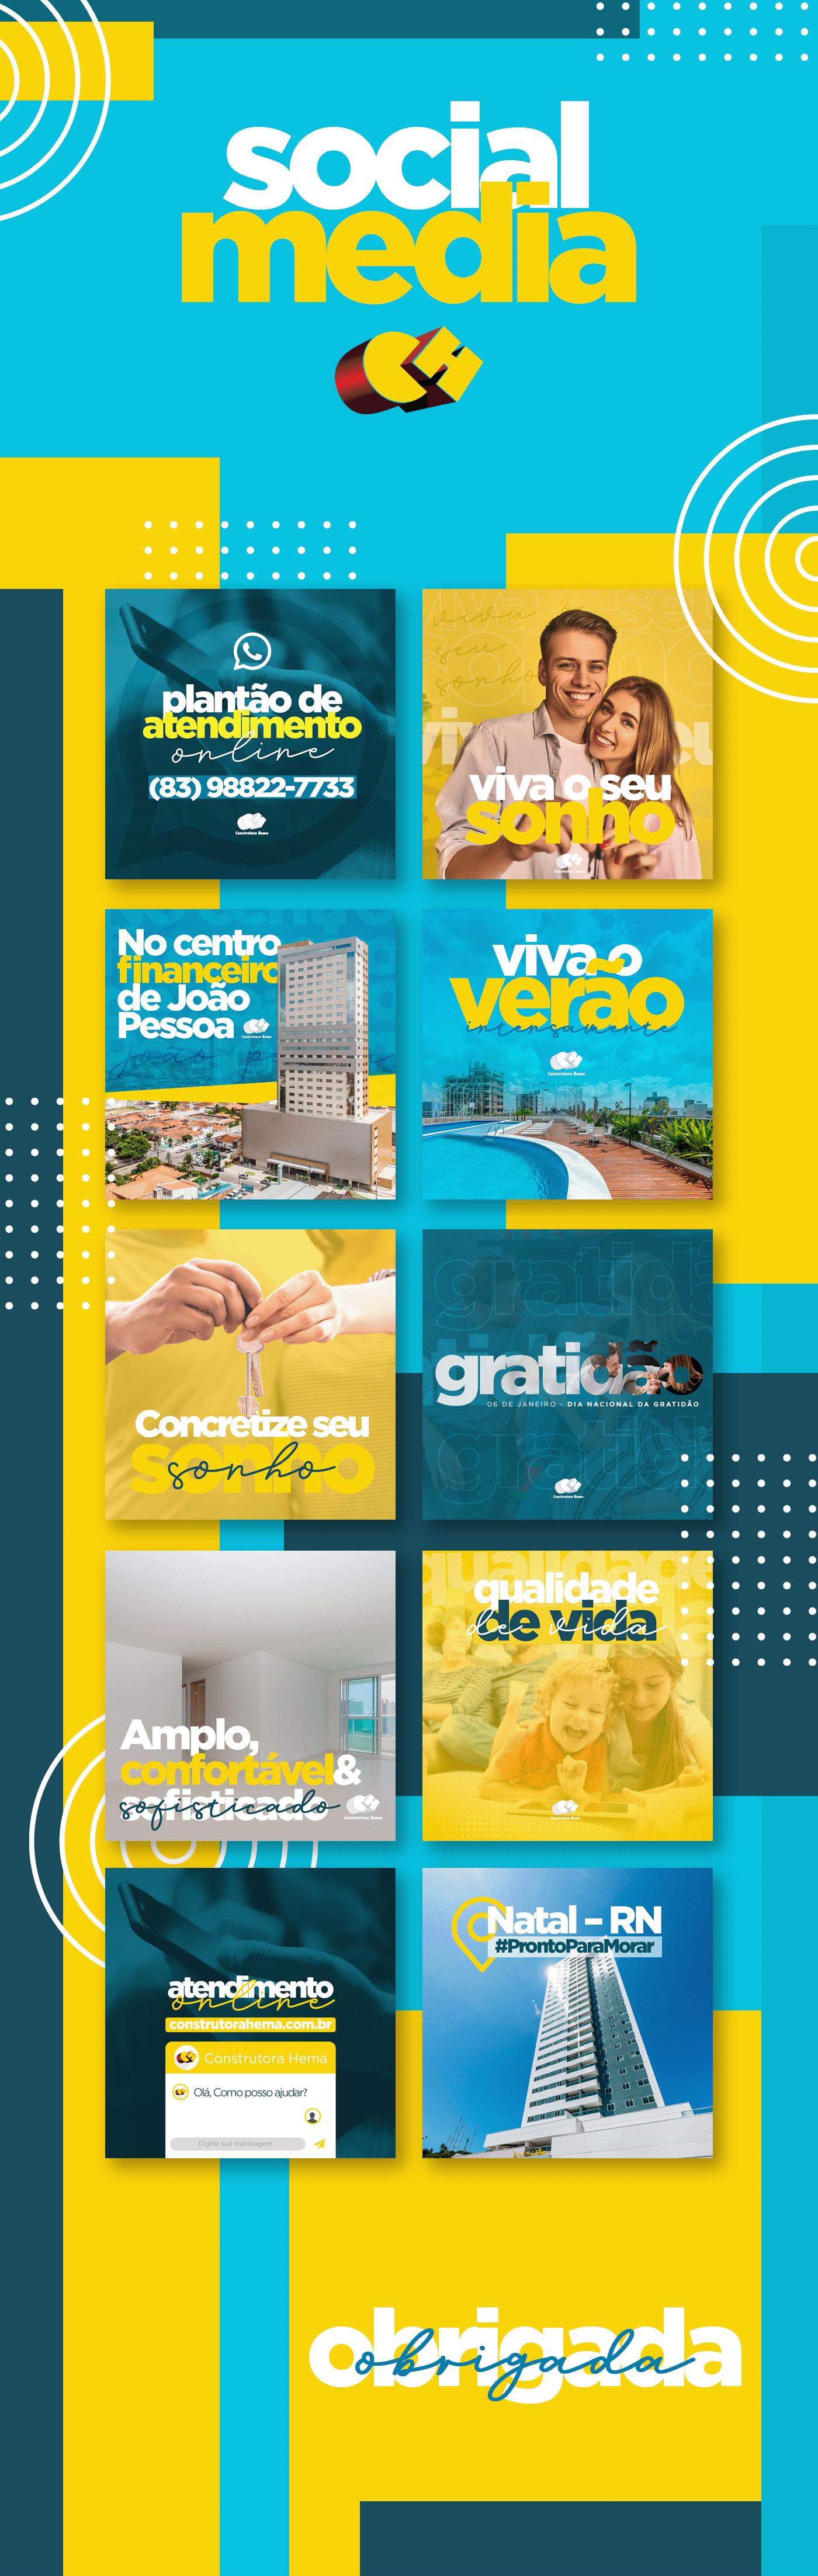 blue and yellow construtora construtora hema design IFPB cabedelo imobiliária João Pessoa mídia social Paraíba social media